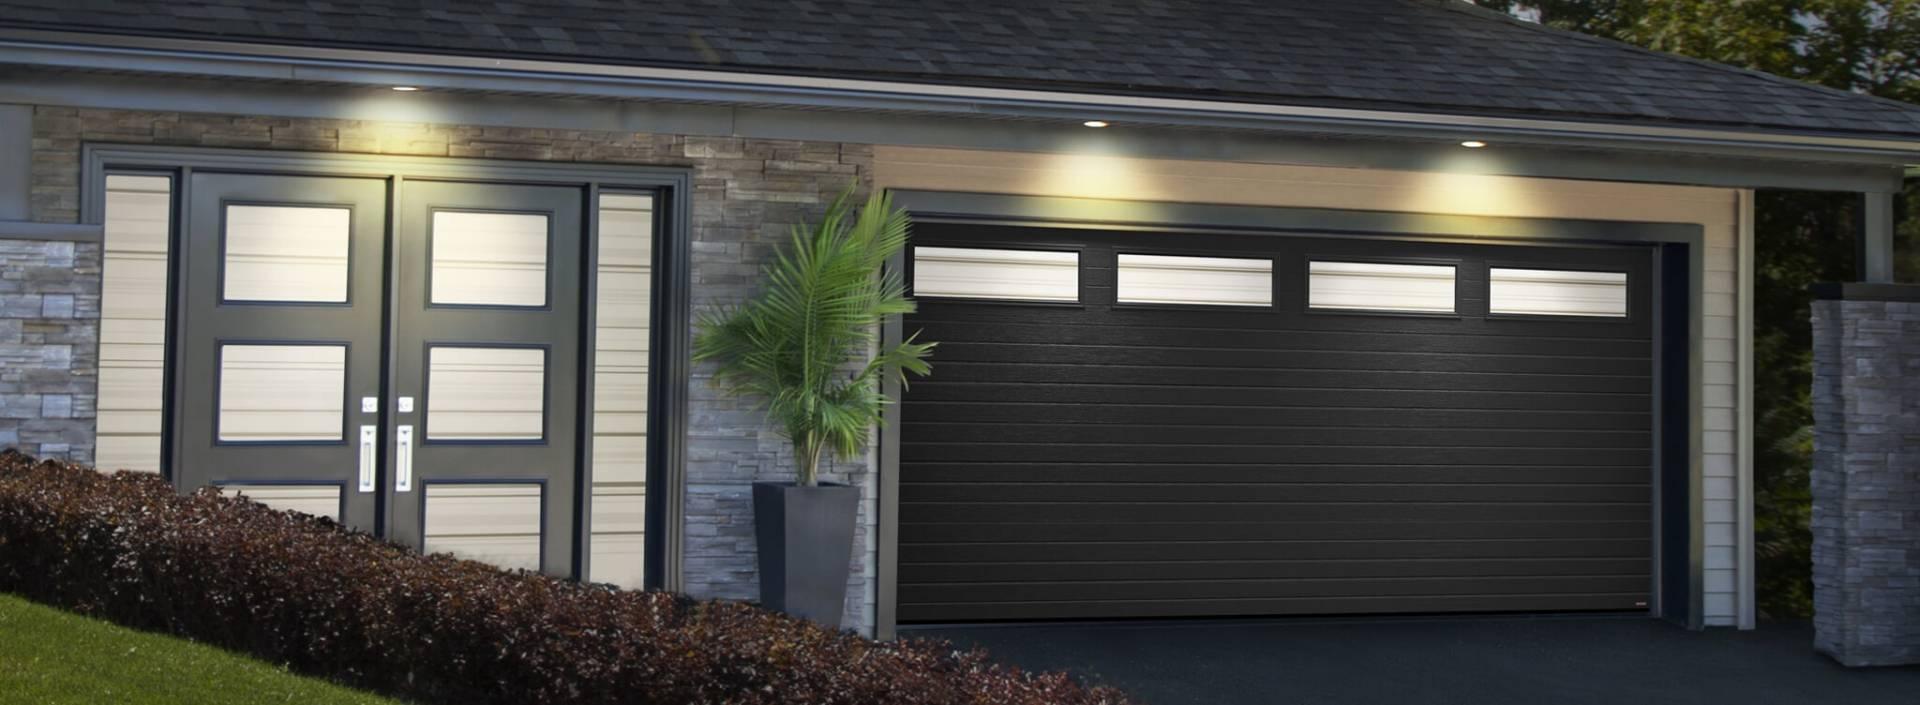 Garage Doors Amp Openers By Garaga 174 The Industry Leader In